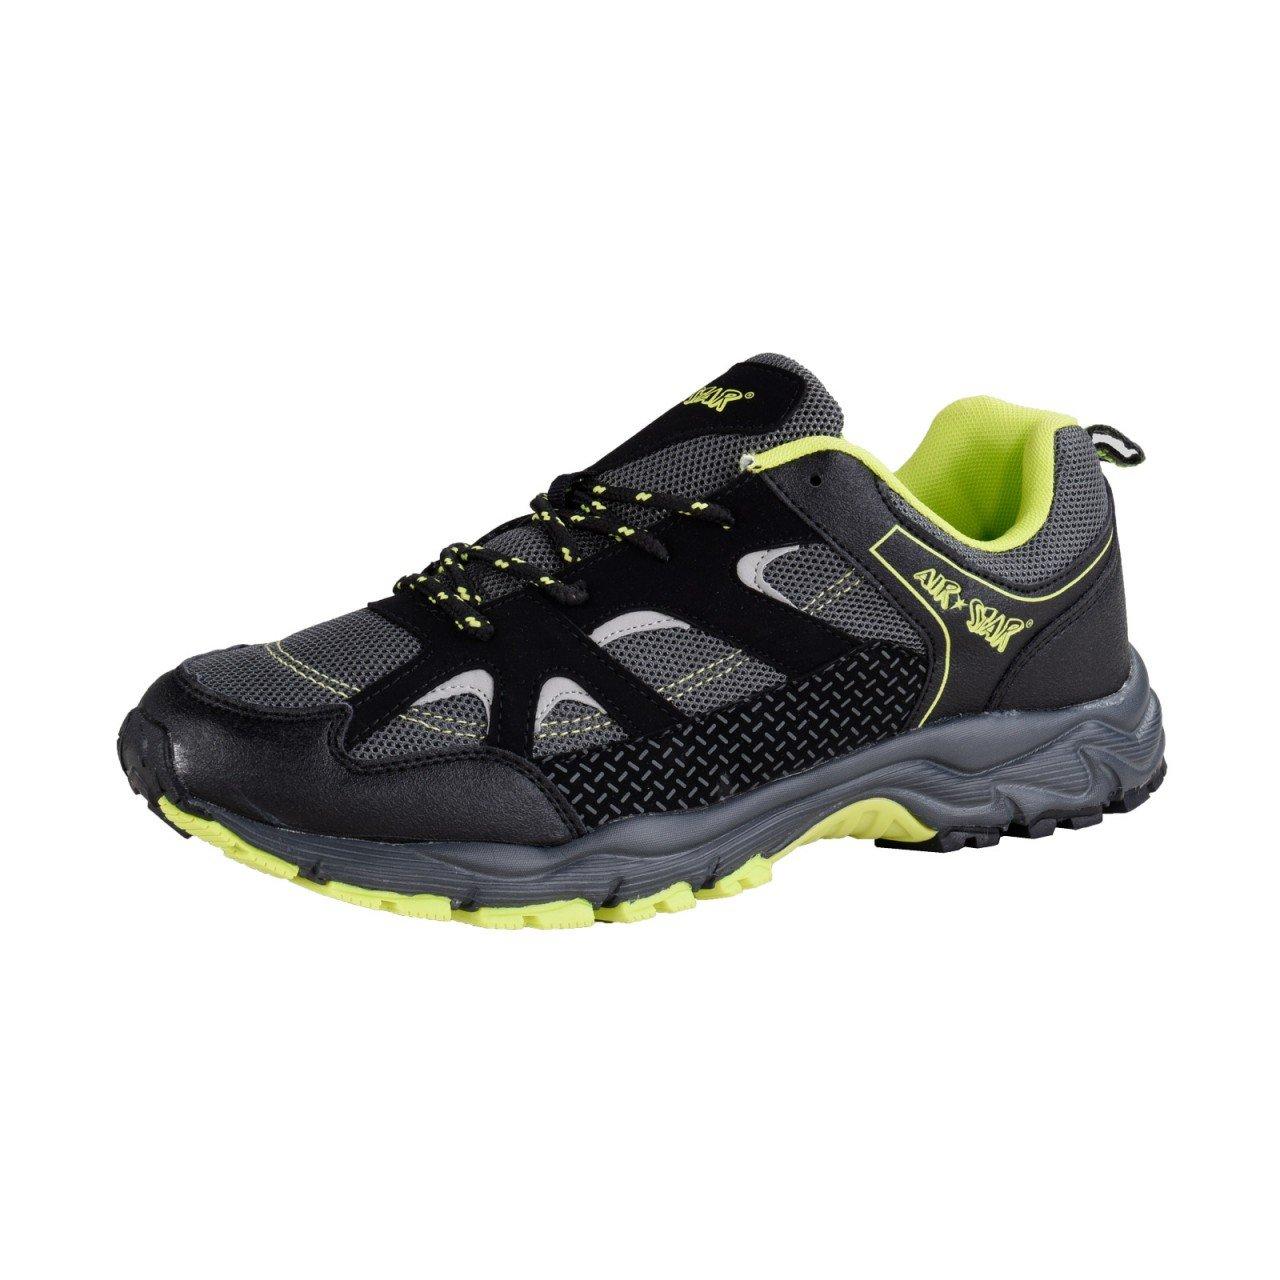 HSM Schuhmarketing - Zapatillas para correr en montaña para hombre negro negro 44 EU negro